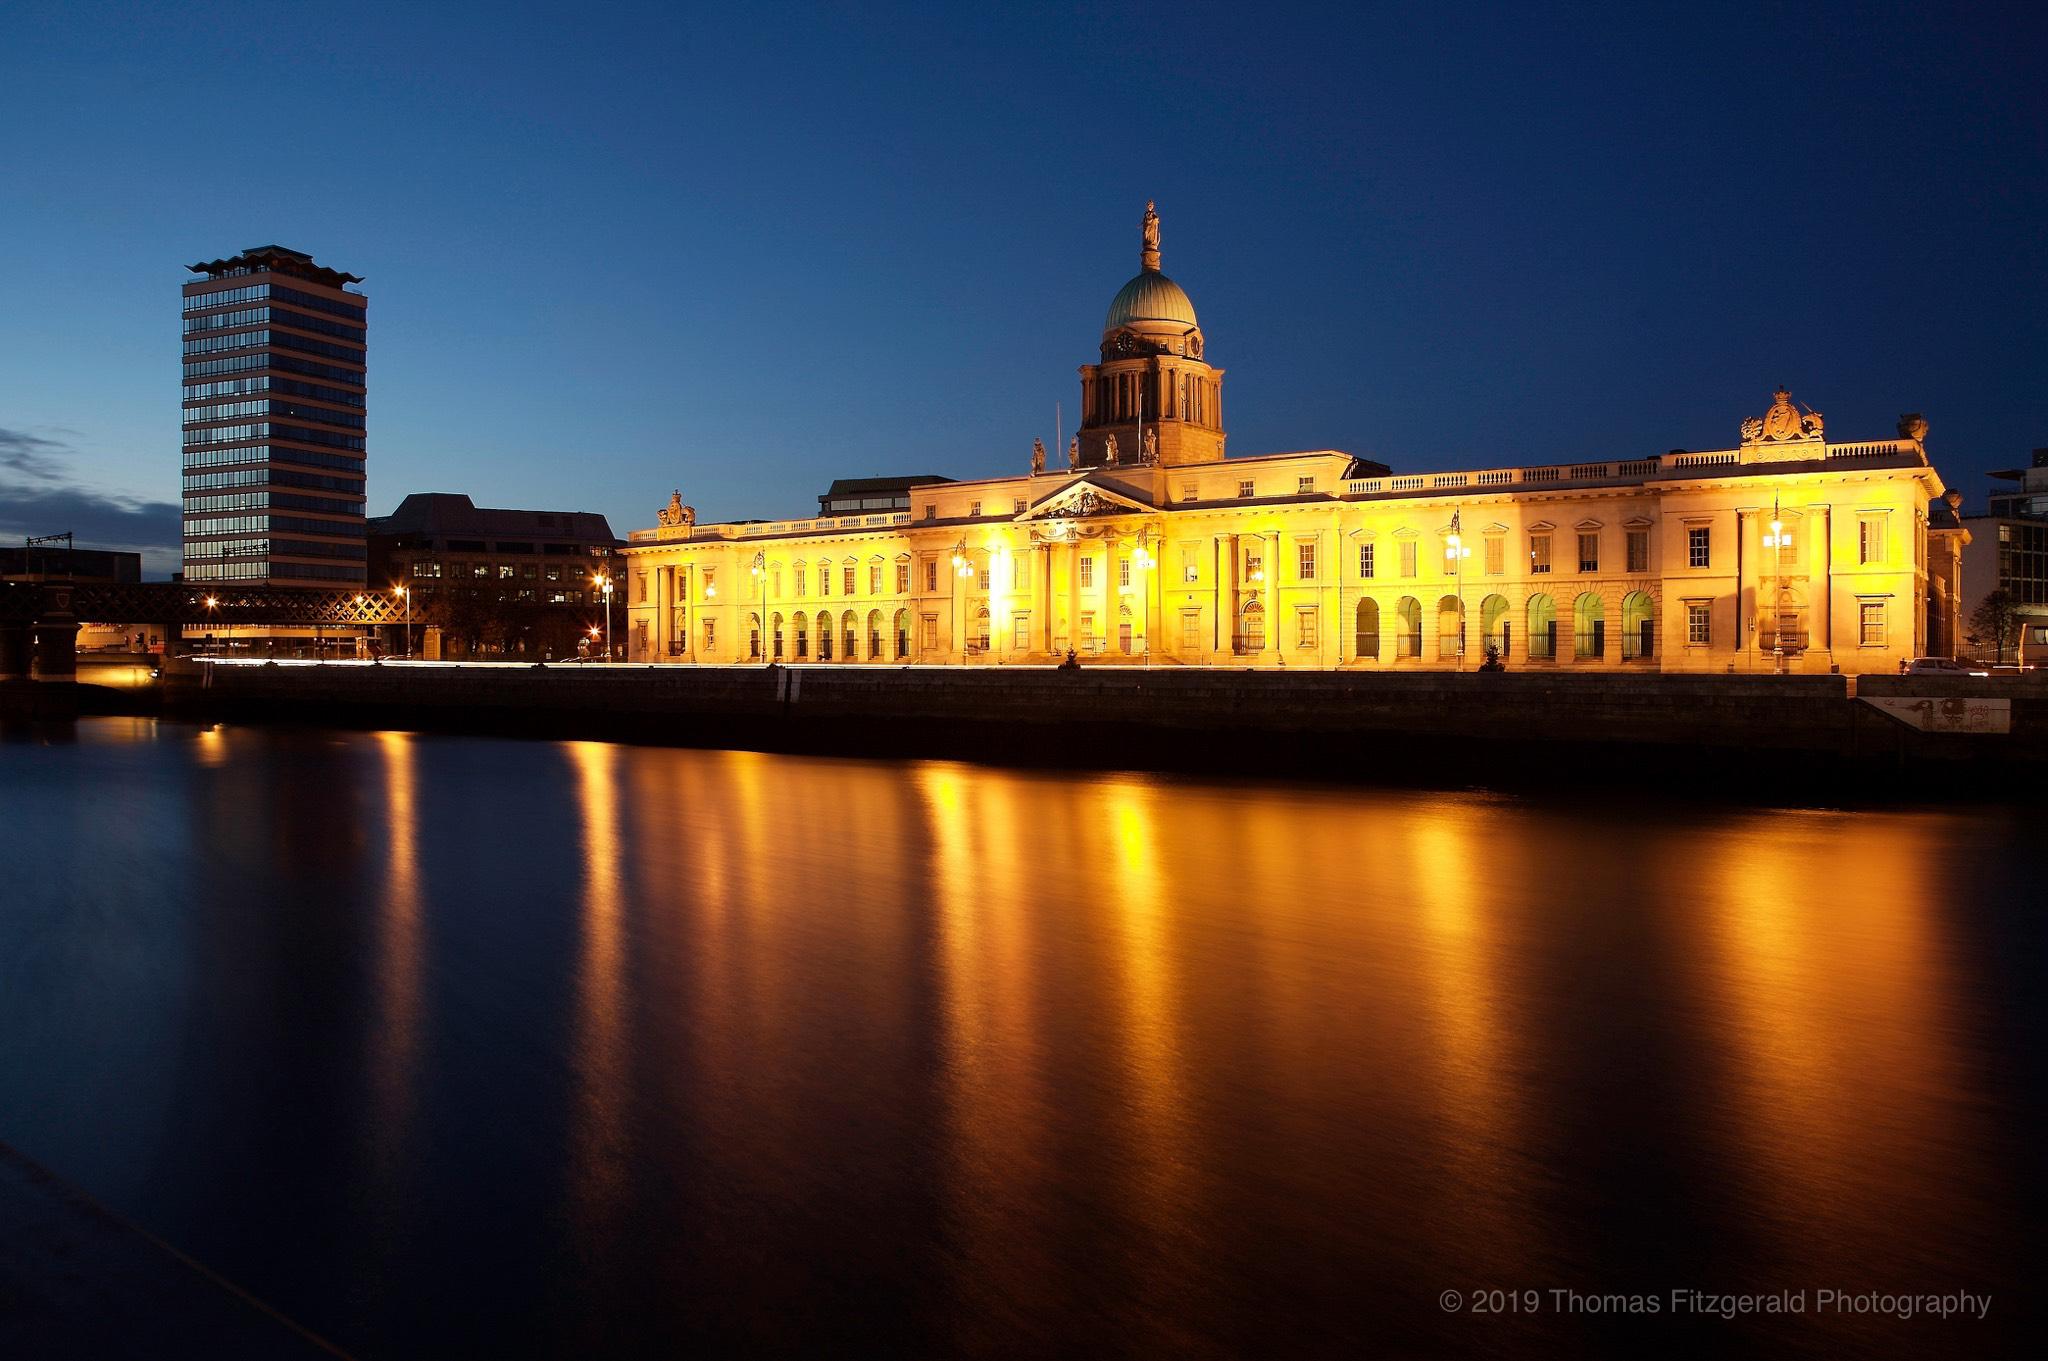 Dublin City Custom House